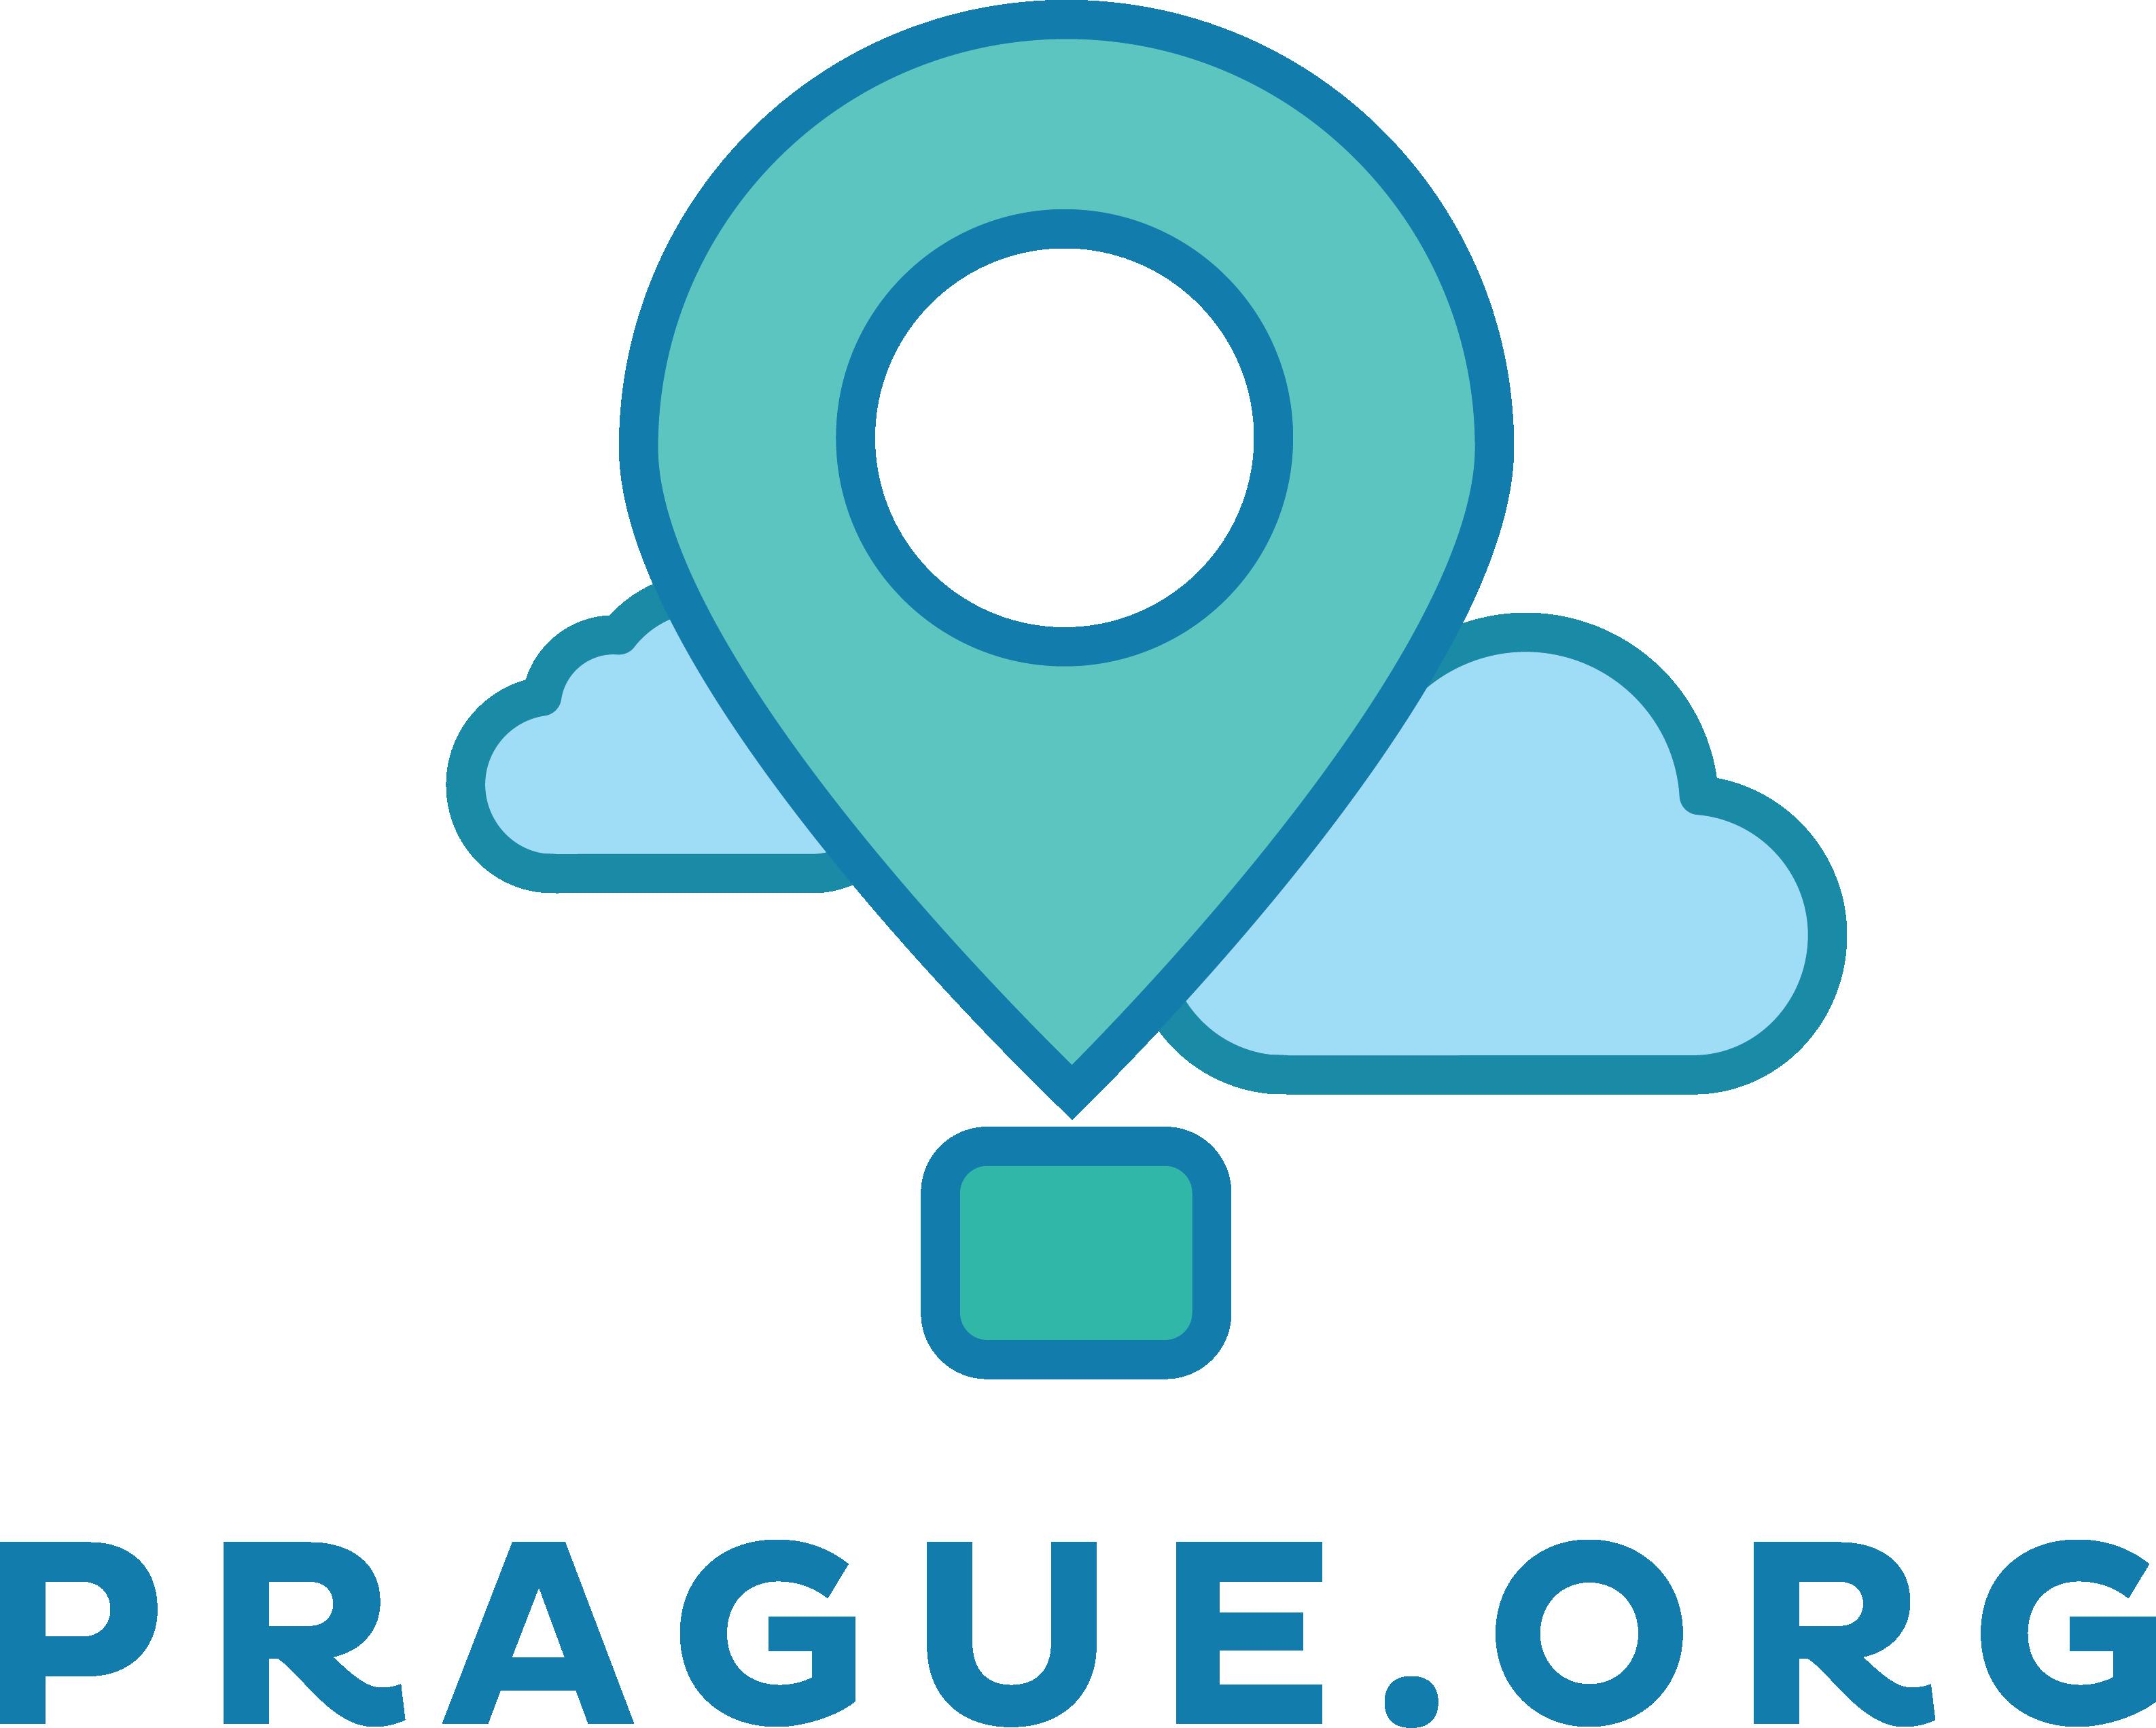 Prague.org